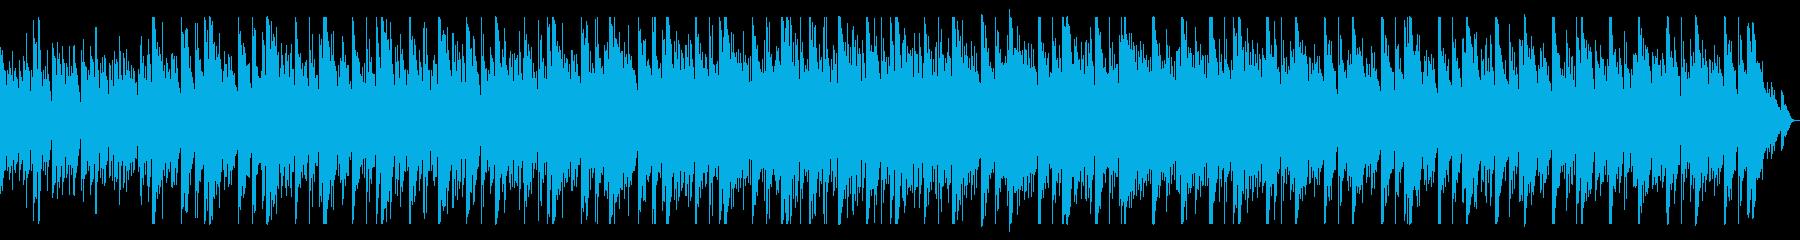 打楽器とピアノのミニマルミュージックの再生済みの波形